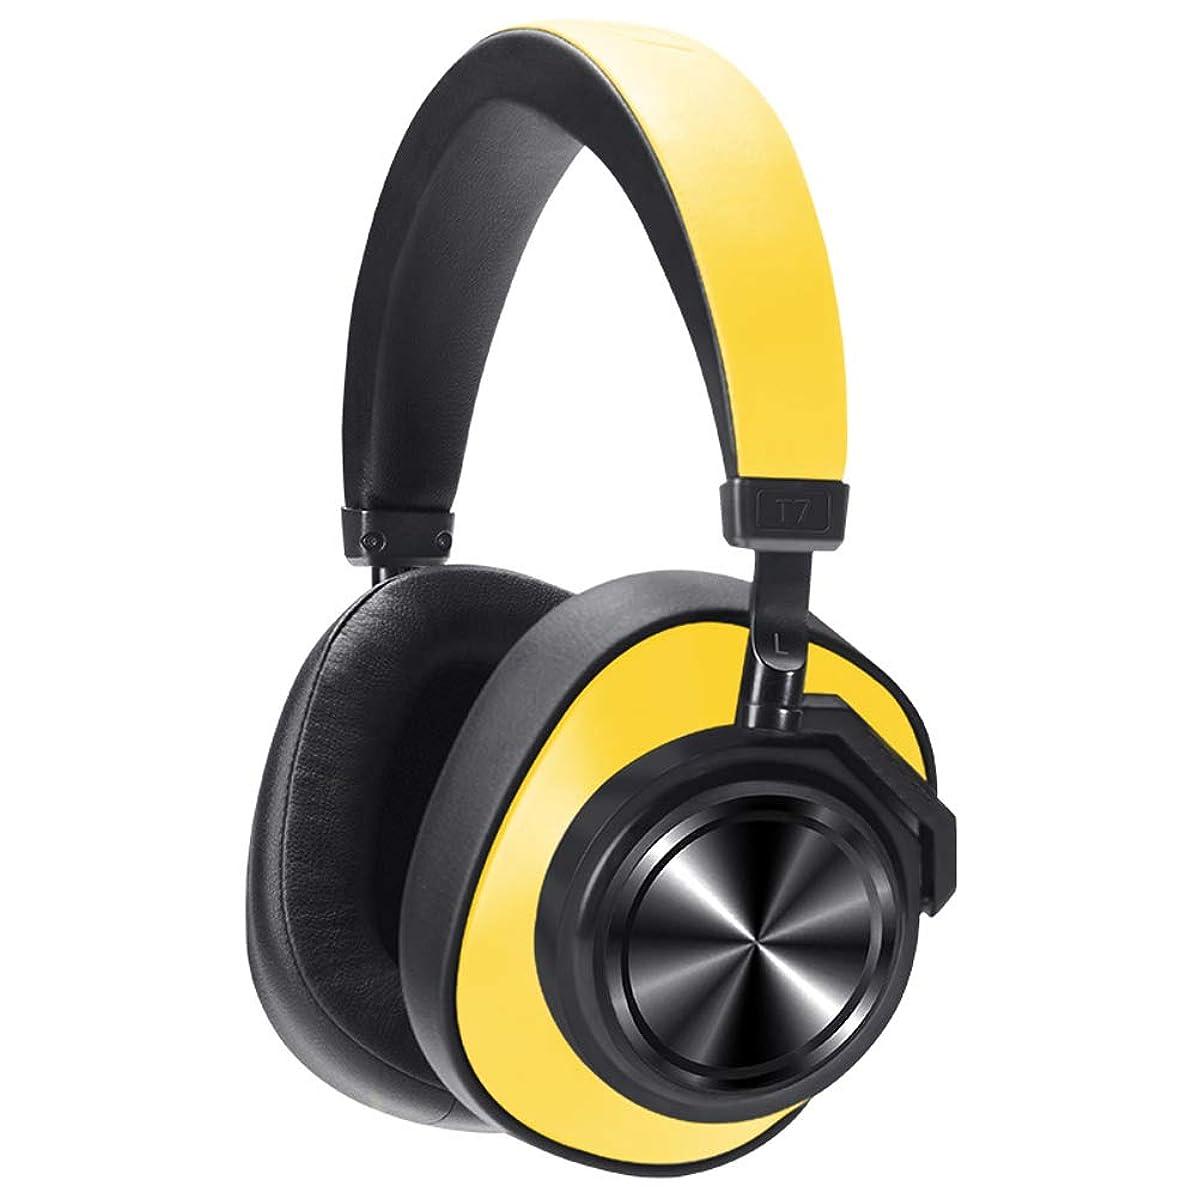 時折保証方程式ブルートゥースヘッドフォン、ヘッドマウントブルートゥースヘッドセットアクティブノイズキャンセリングワイヤレスヘッドセット顔認識と電話および音楽,イエロー